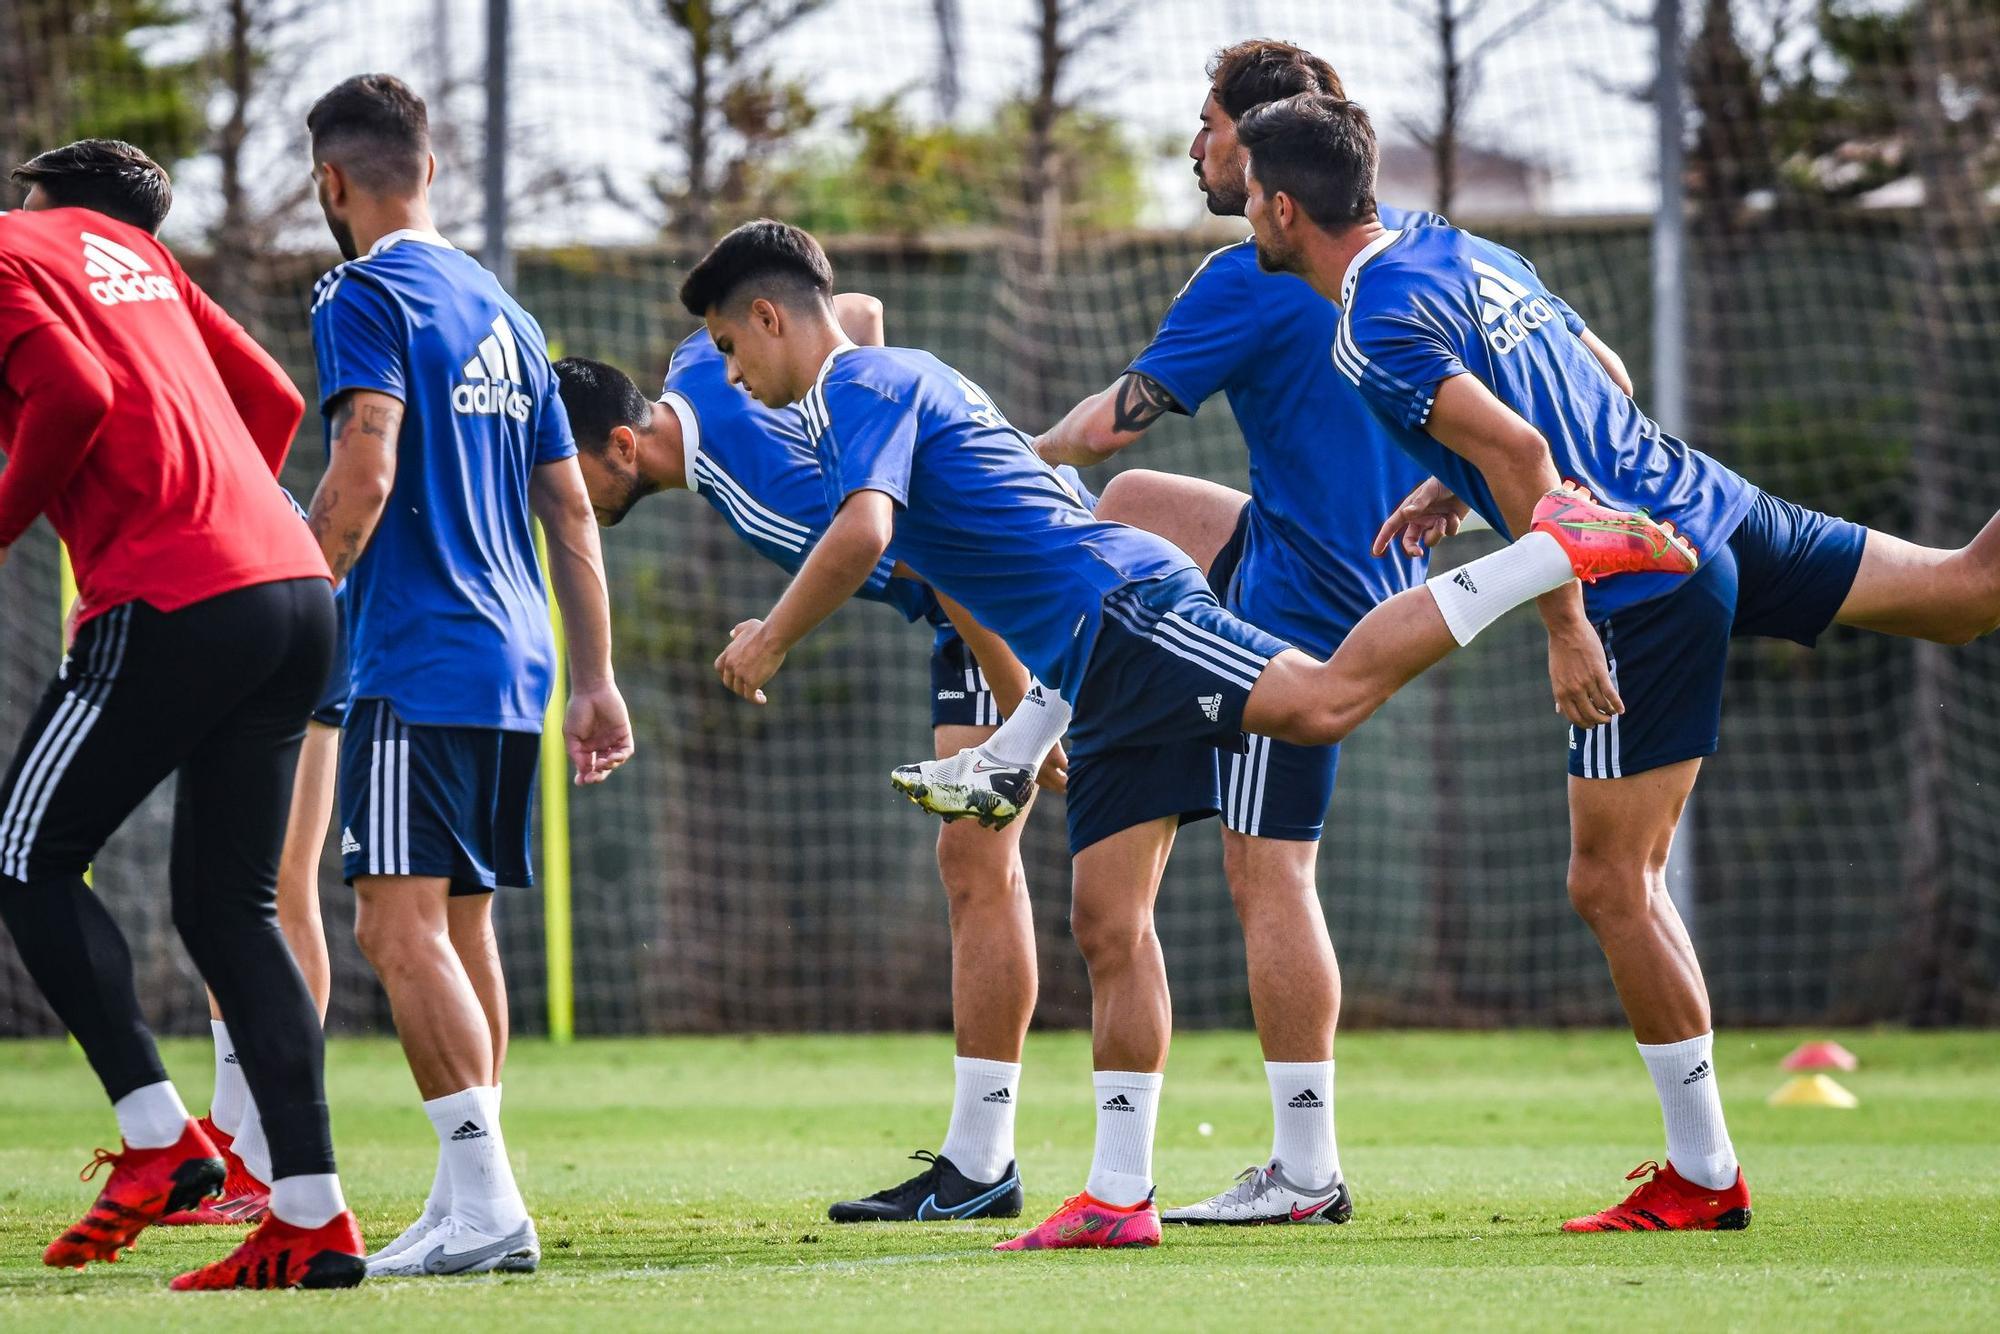 Segundo entrenamiento del Real Zaragoza en las instalaciones del las instalaciones de Pinatar Arena